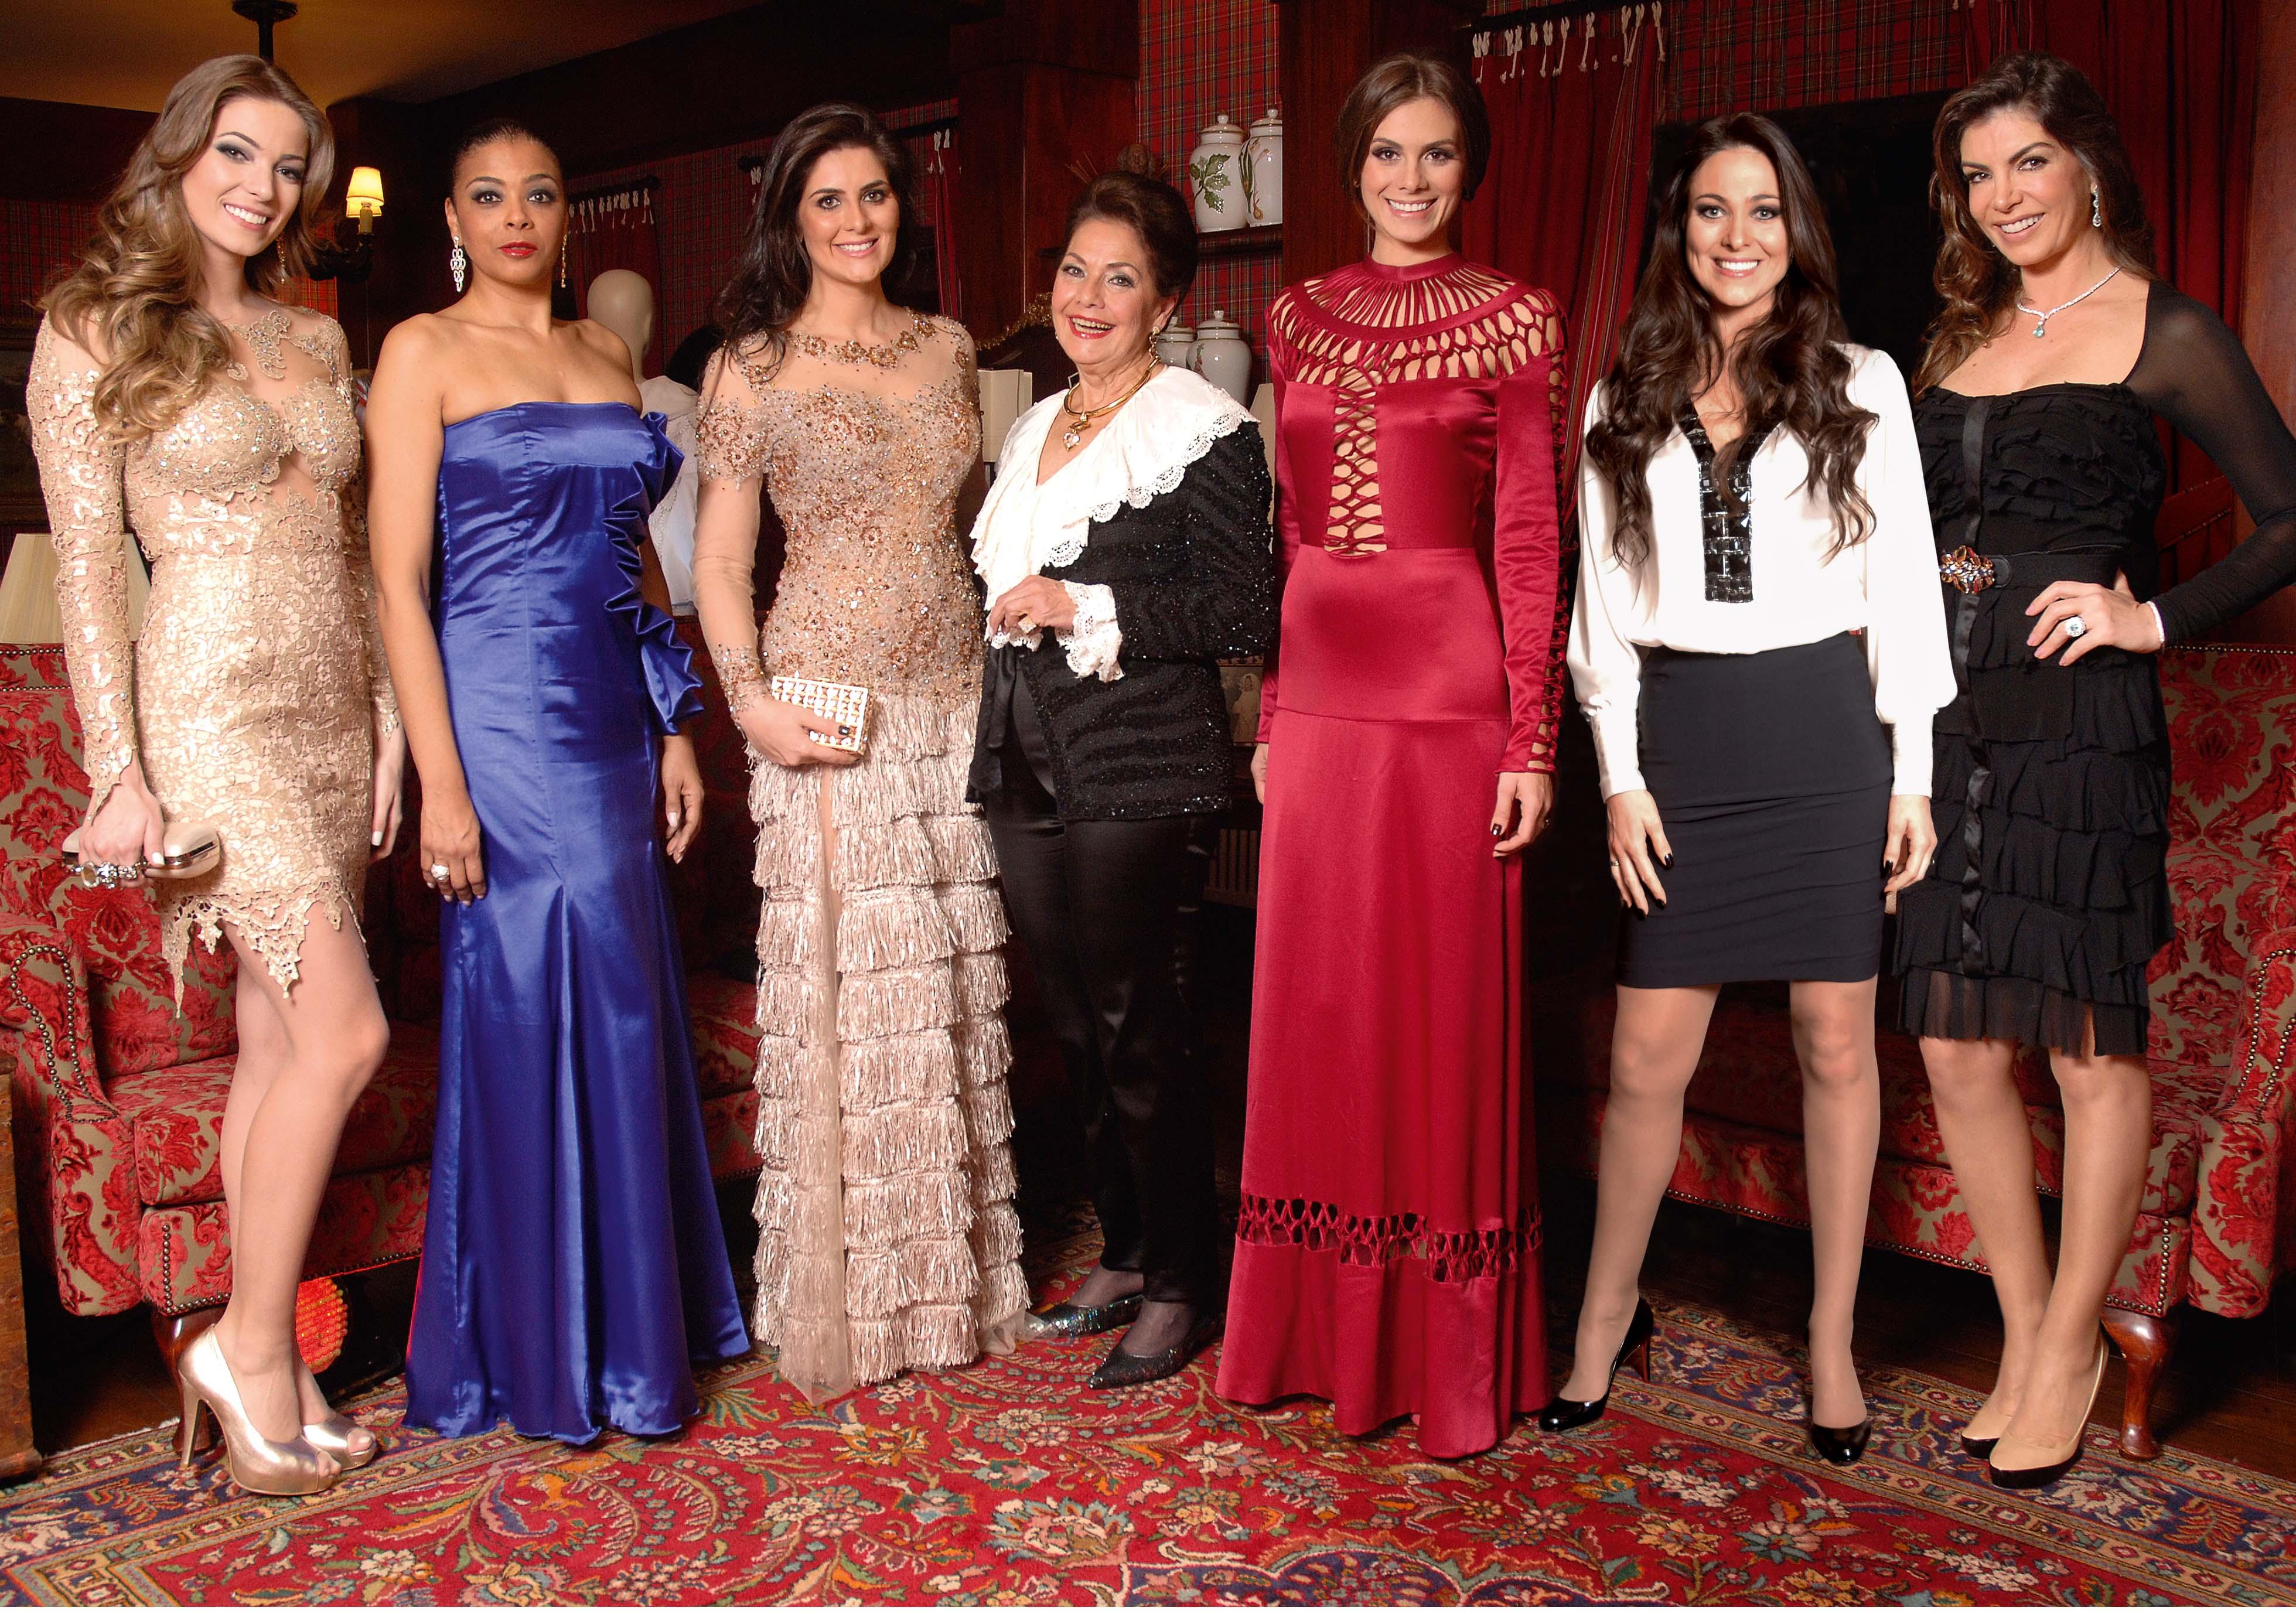 ✾◕‿◕✾ Galeria de Ieda Maria Vargas, Miss Universe 1963.✾◕‿◕✾ - Página 3 Img-523467-ieda-maria-vargas20130626181372282070_btw9